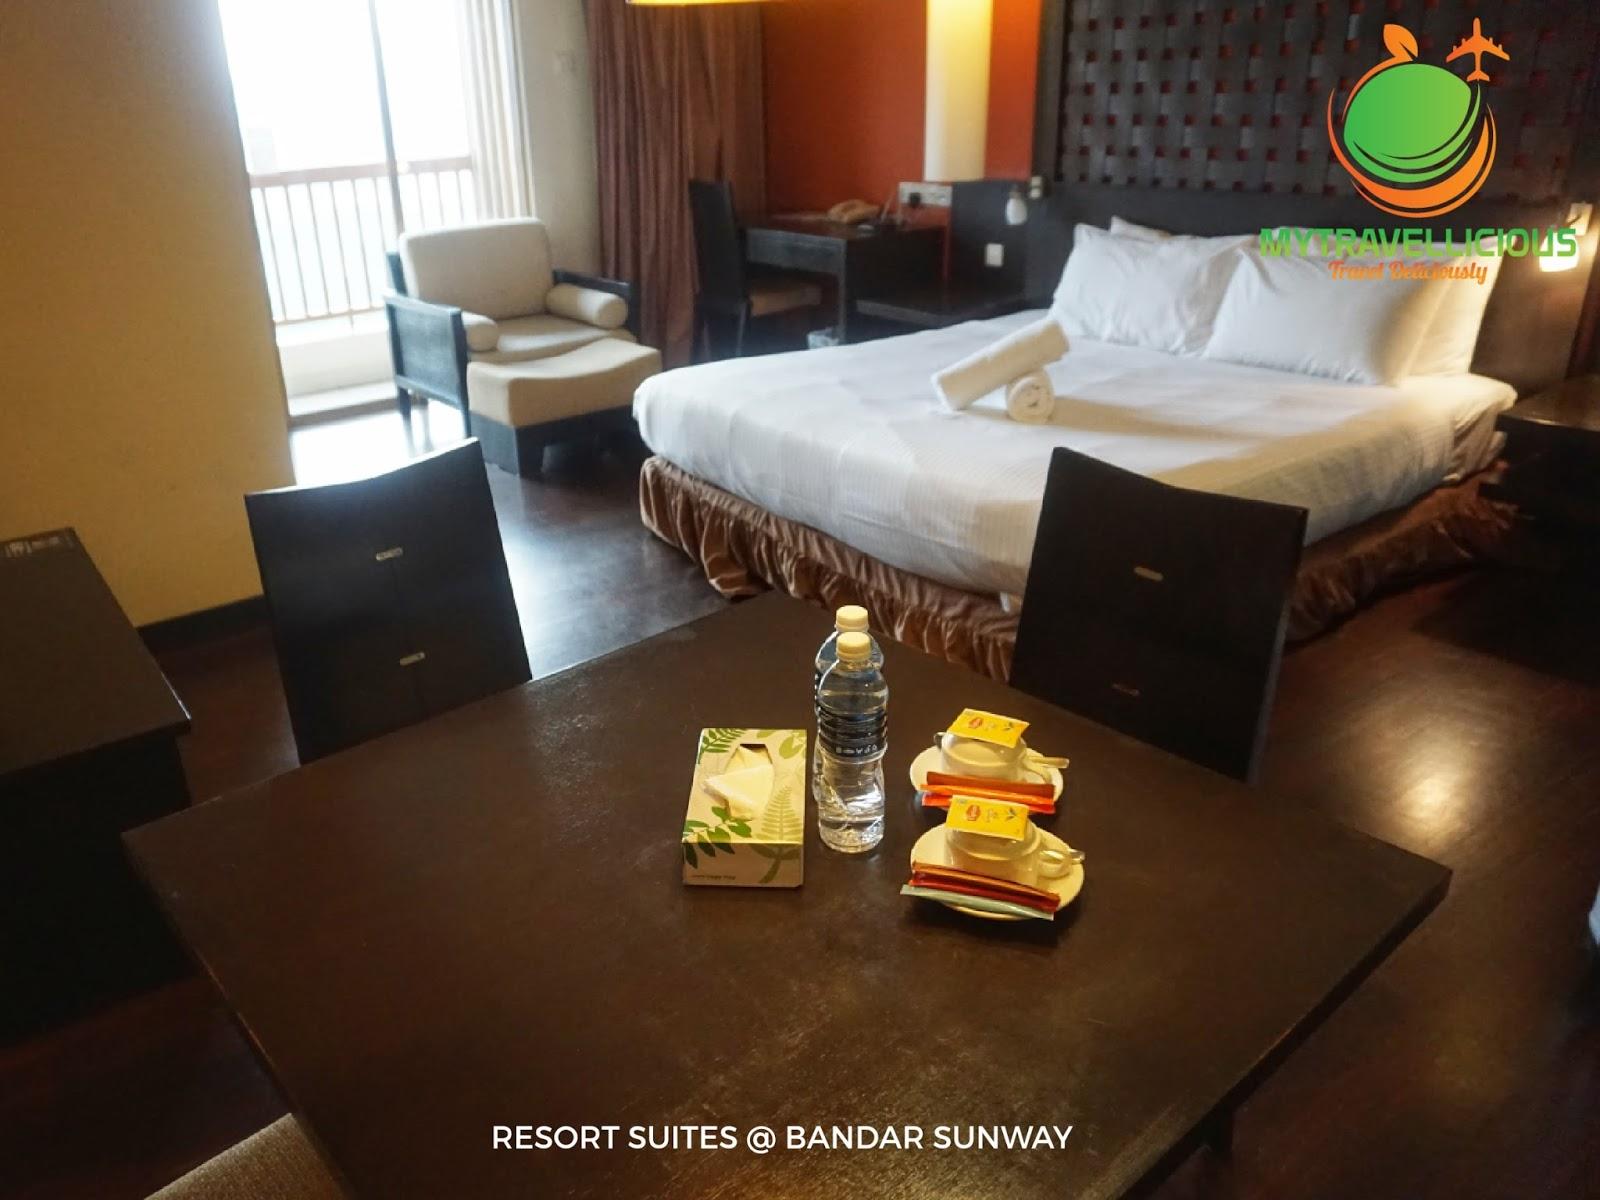 Hotelreview Resort Suites Sunway Lagoon